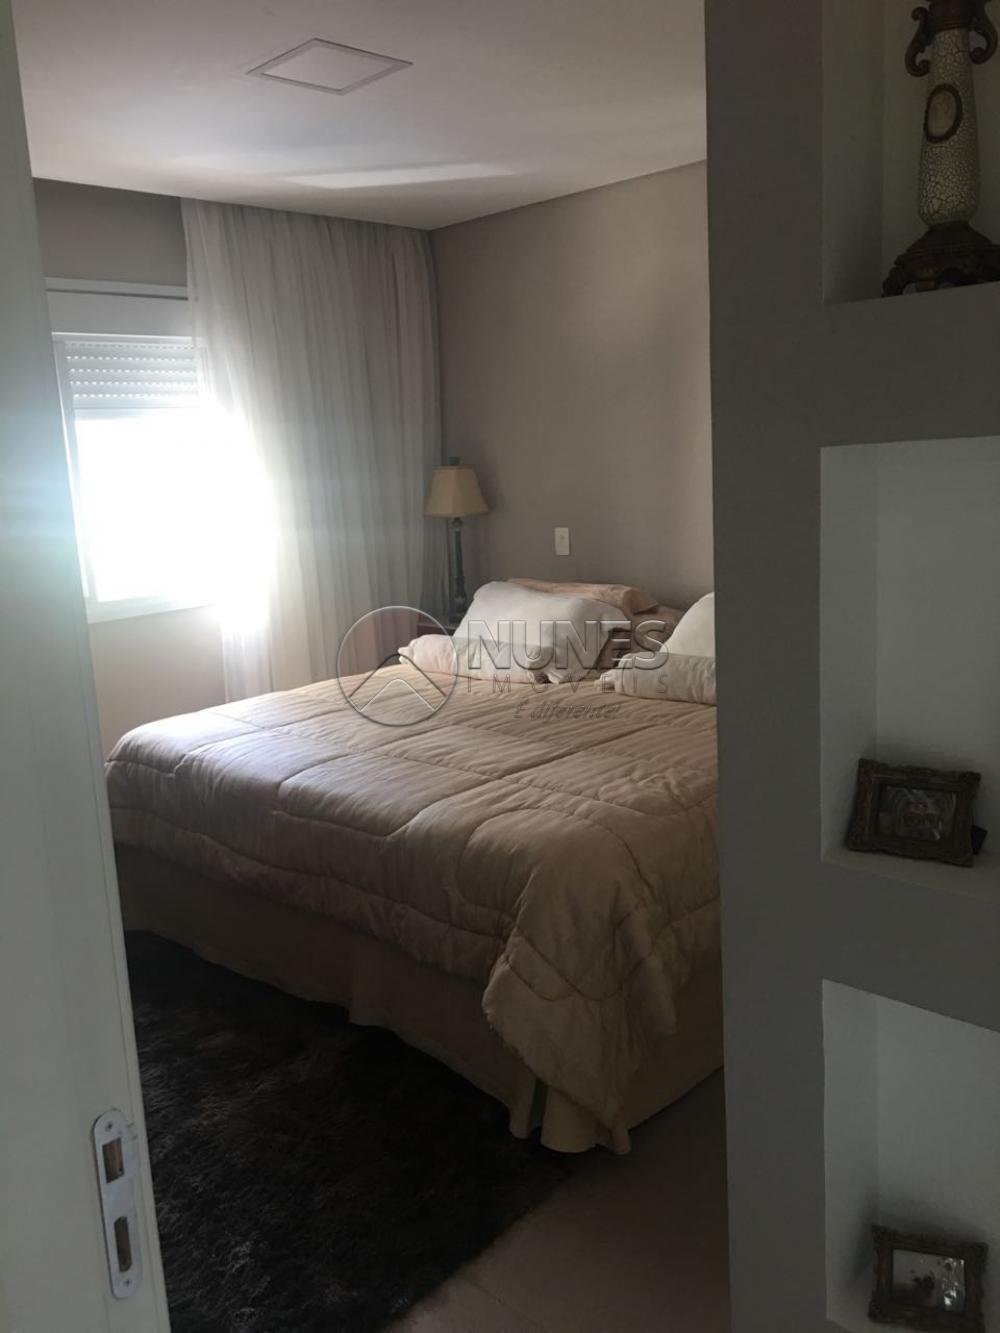 Comprar Apartamento / Padrão em Barueri apenas R$ 405.000,00 - Foto 11